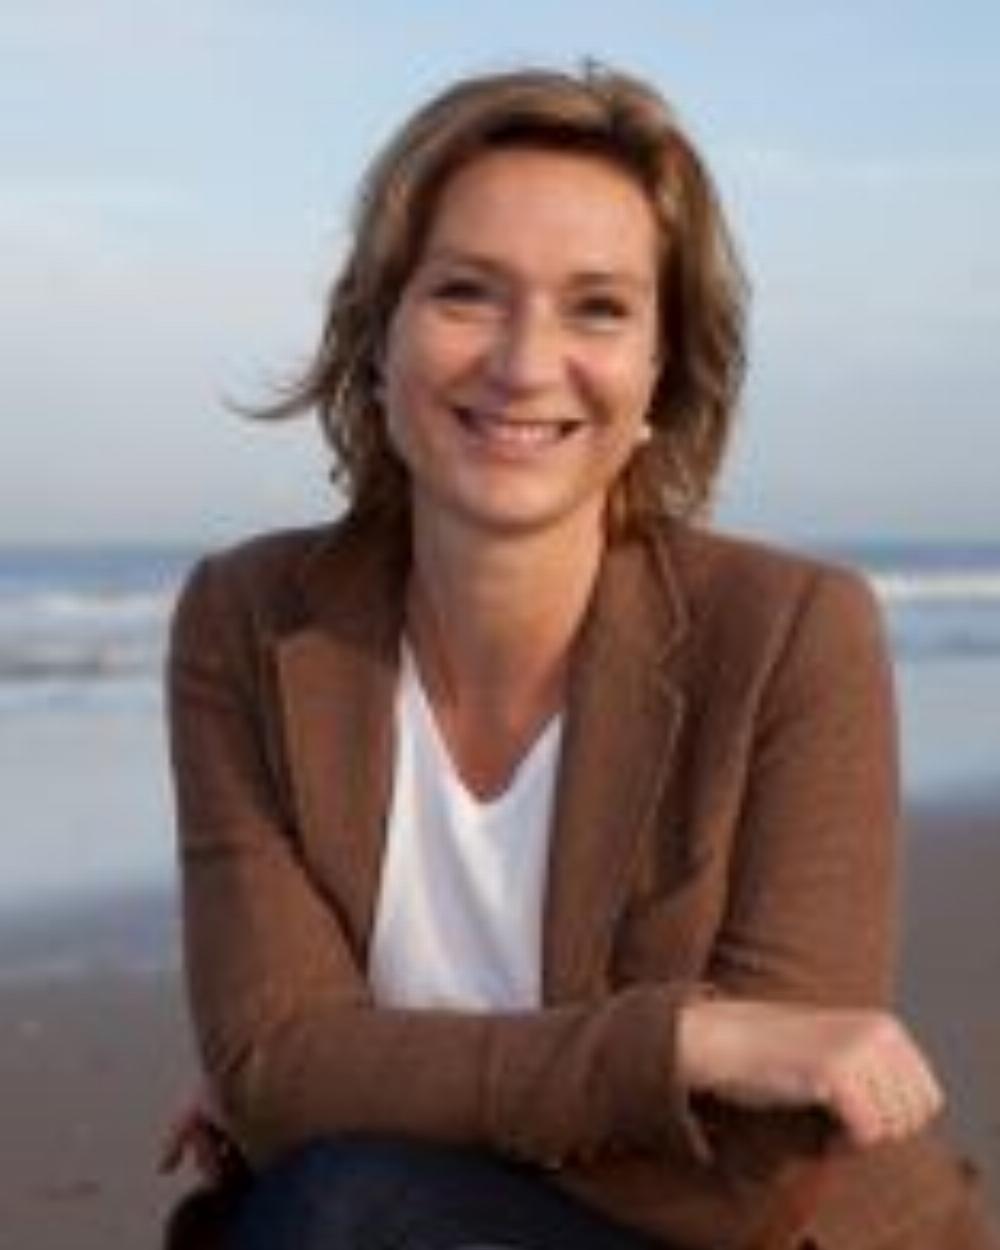 Dr. Hauschka Cosmetics in Noordwijk